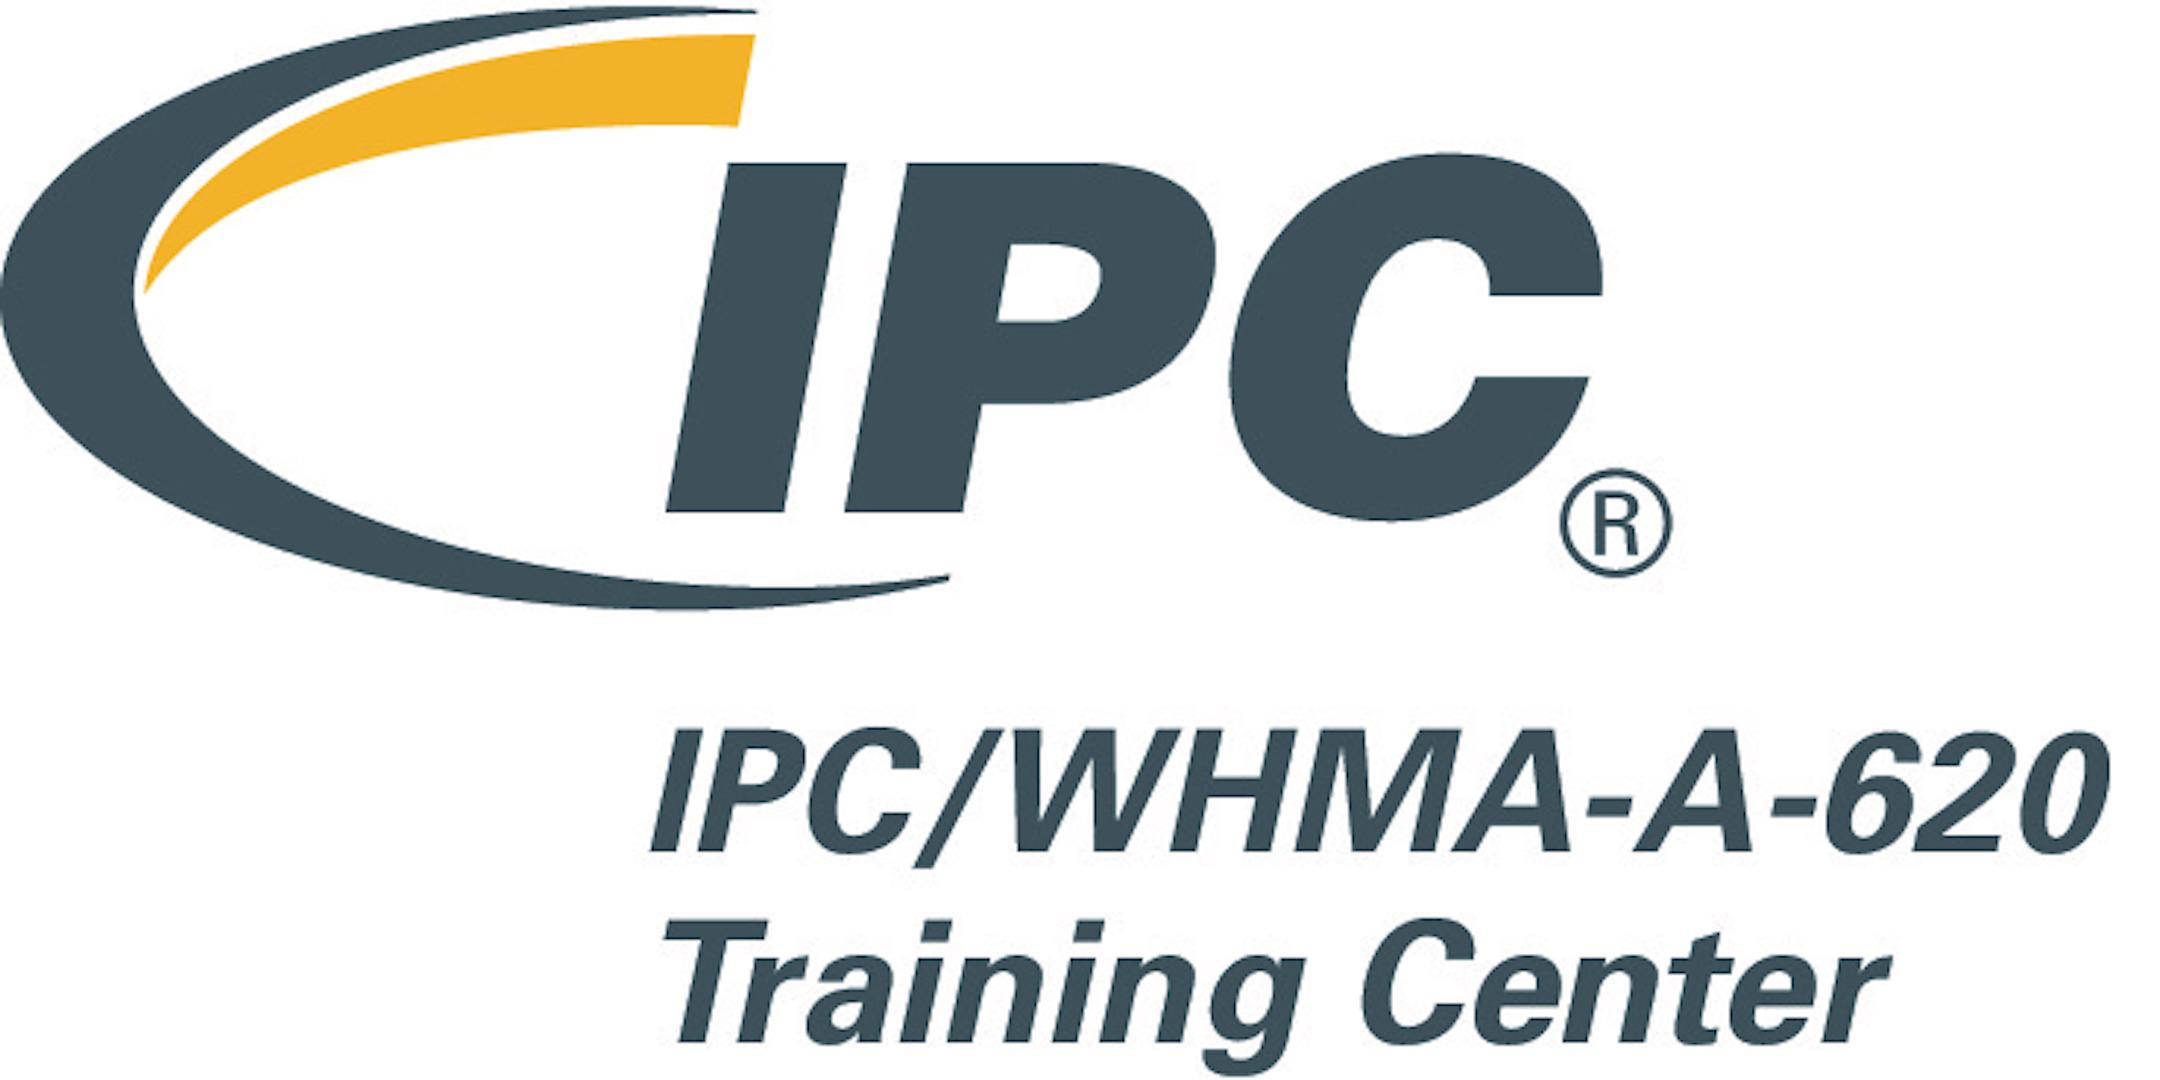 Certification Ipcwhma A 620 Cit 13 Nov 2017